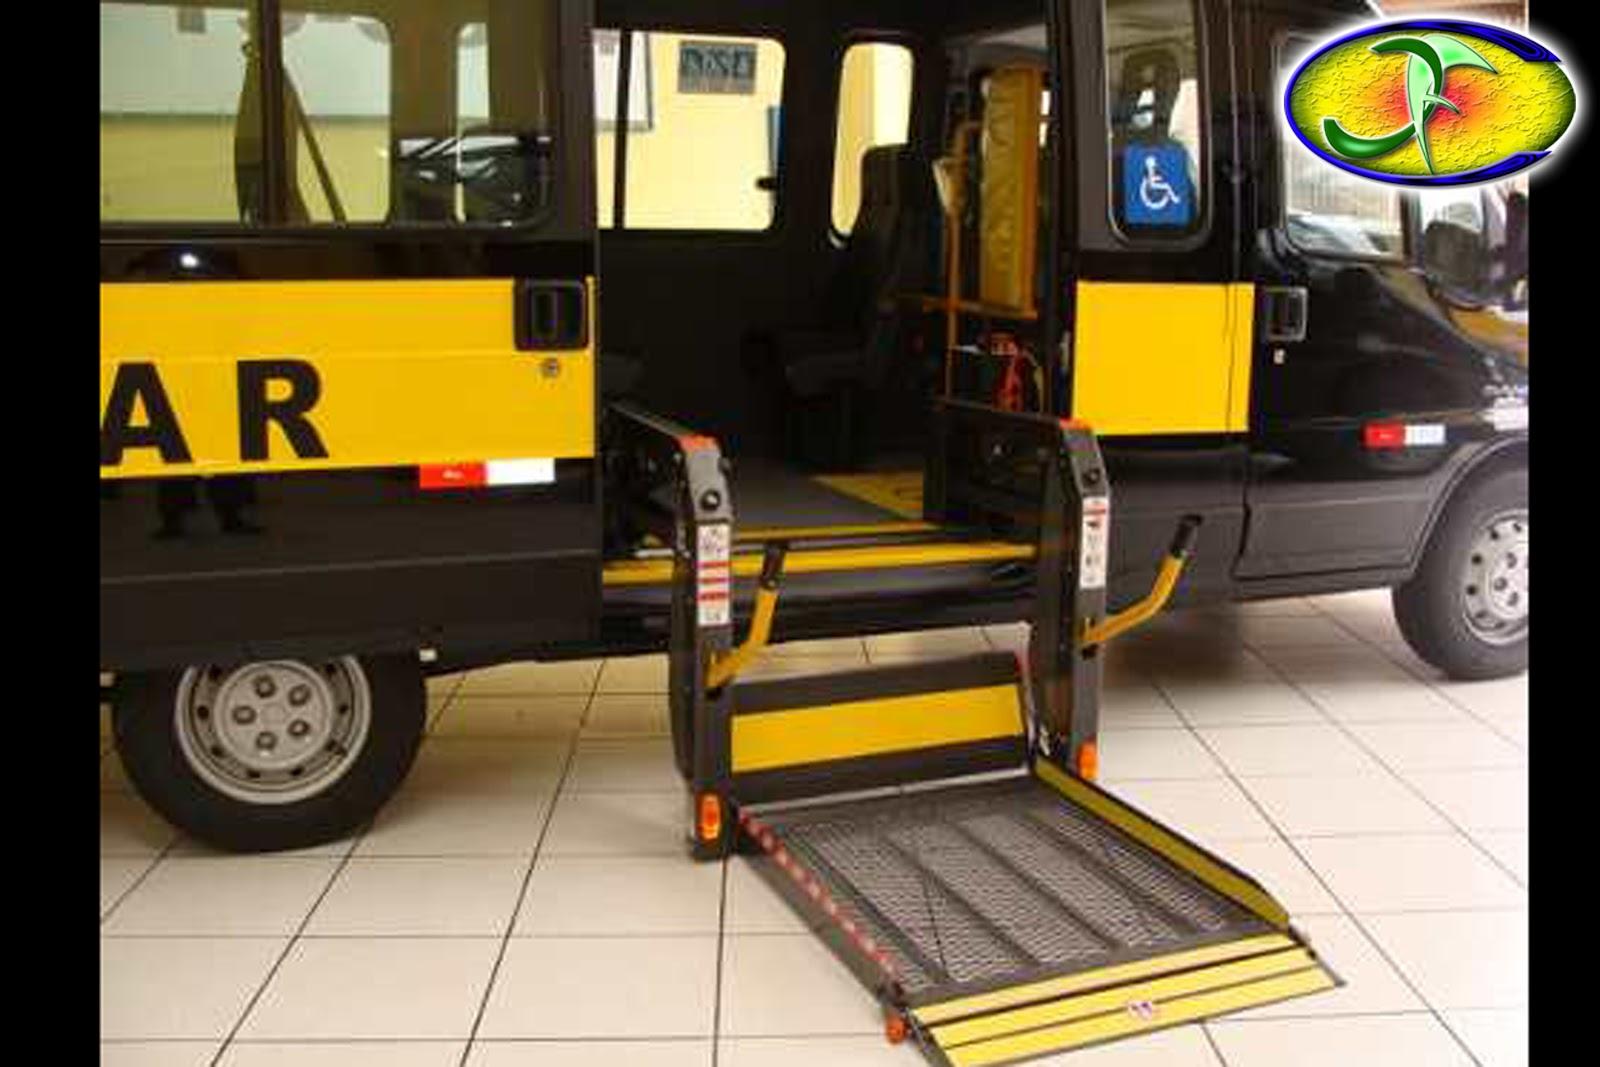 Um ônibus adaptado corretamente para deficientes cadeirantes #C49D07 1600x1067 Banheiro Adaptado Para Cadeirante